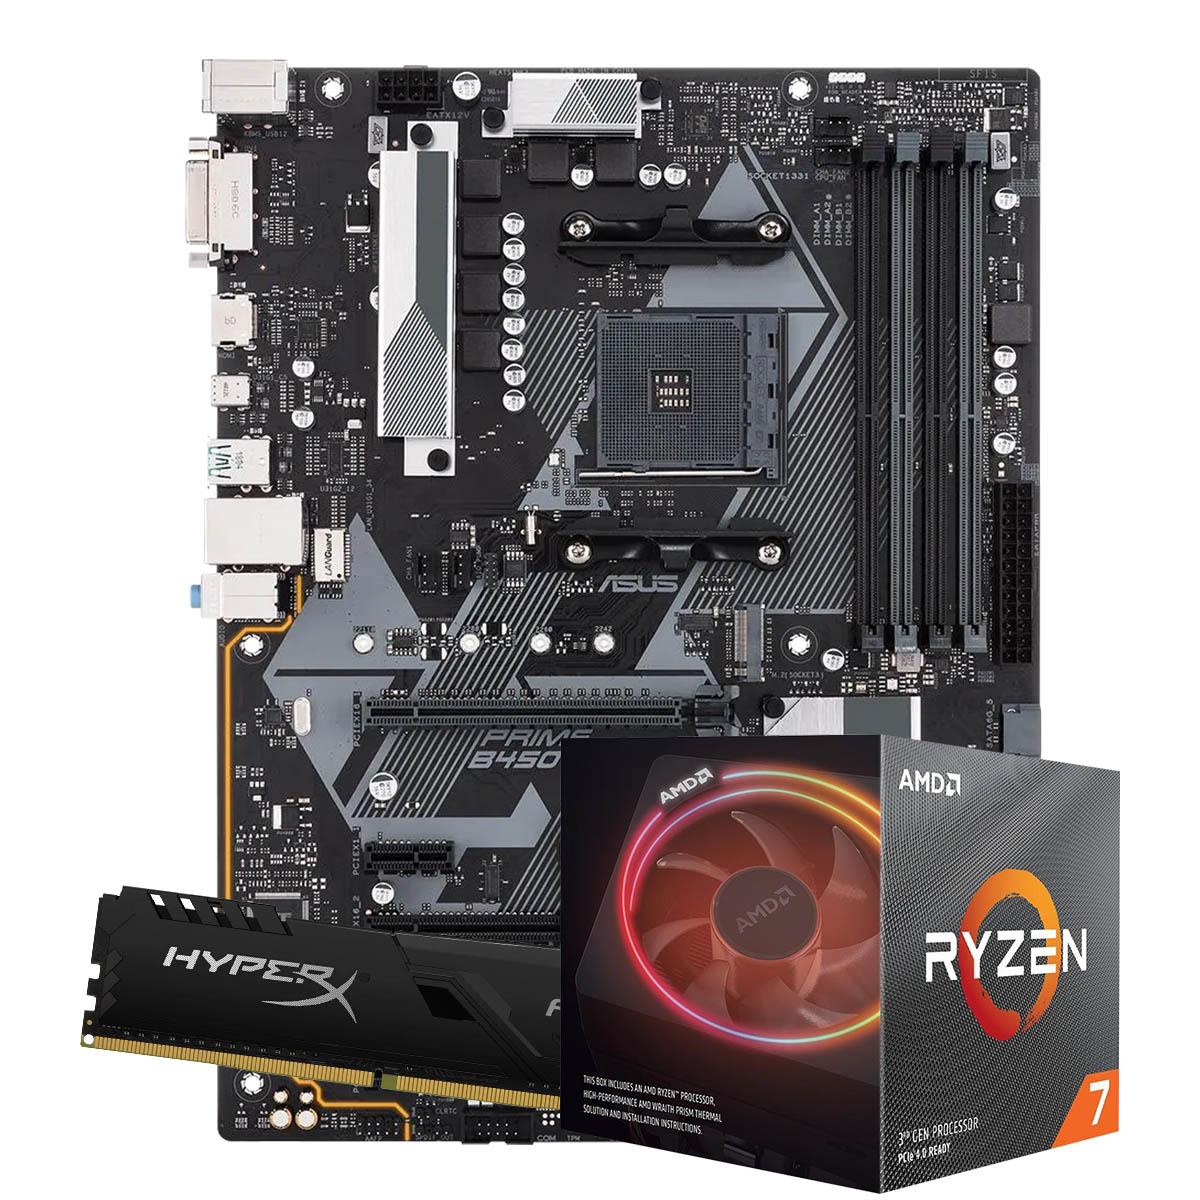 Kit Upgrade AMD Ryzen 7 3700X 3.6Ghz, Placa Mãe Gigabyte B450M S2H, Memoria 16GB DDR4